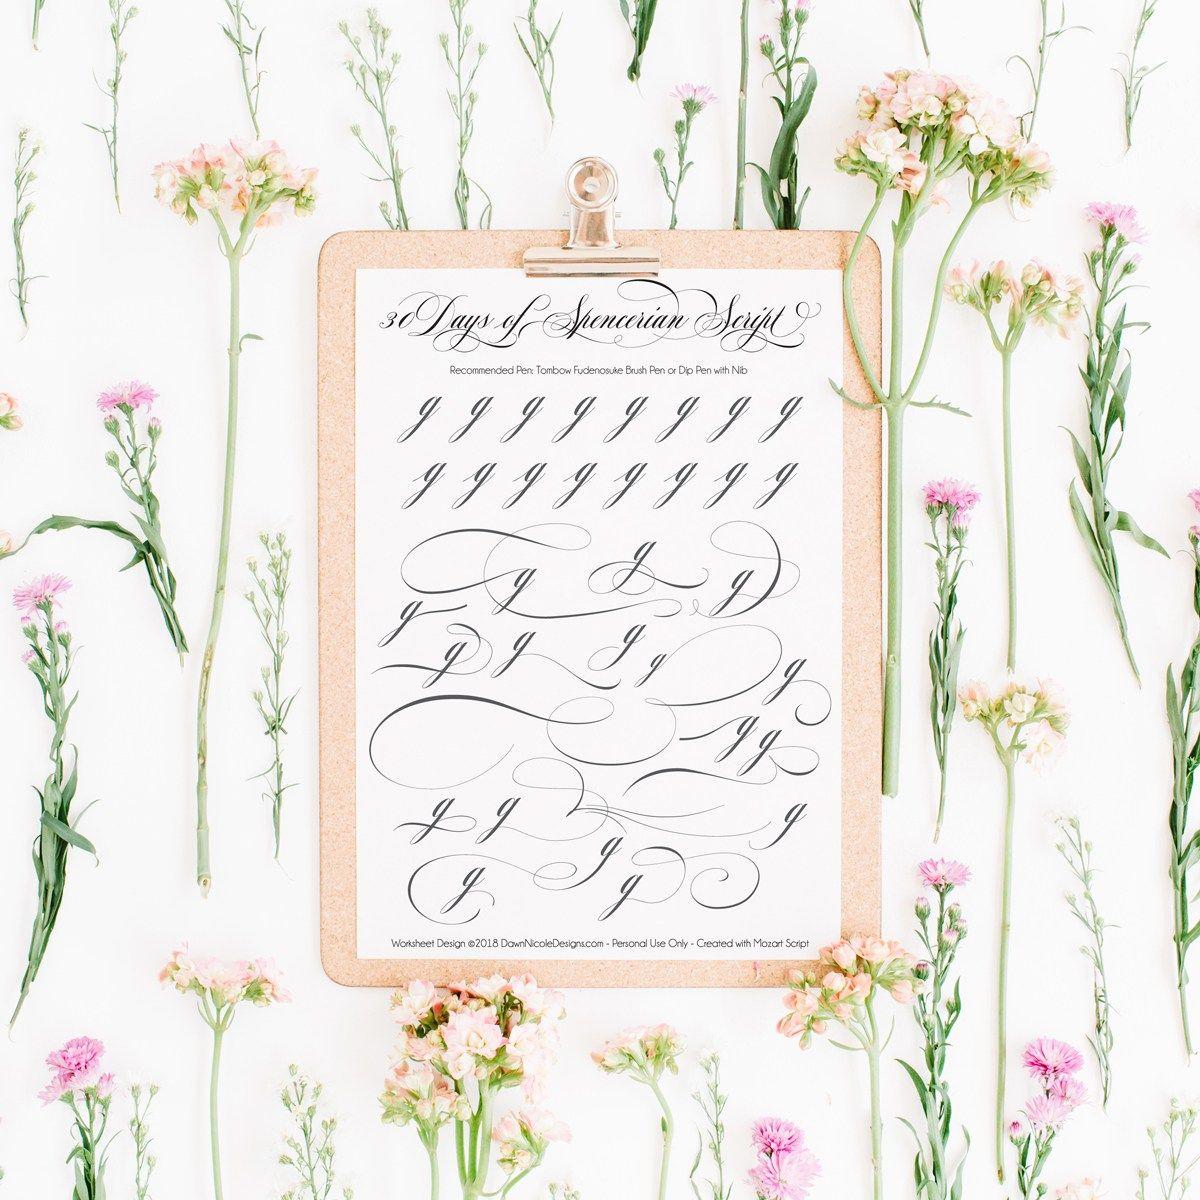 Spencerian Script Style Letter G Worksheets